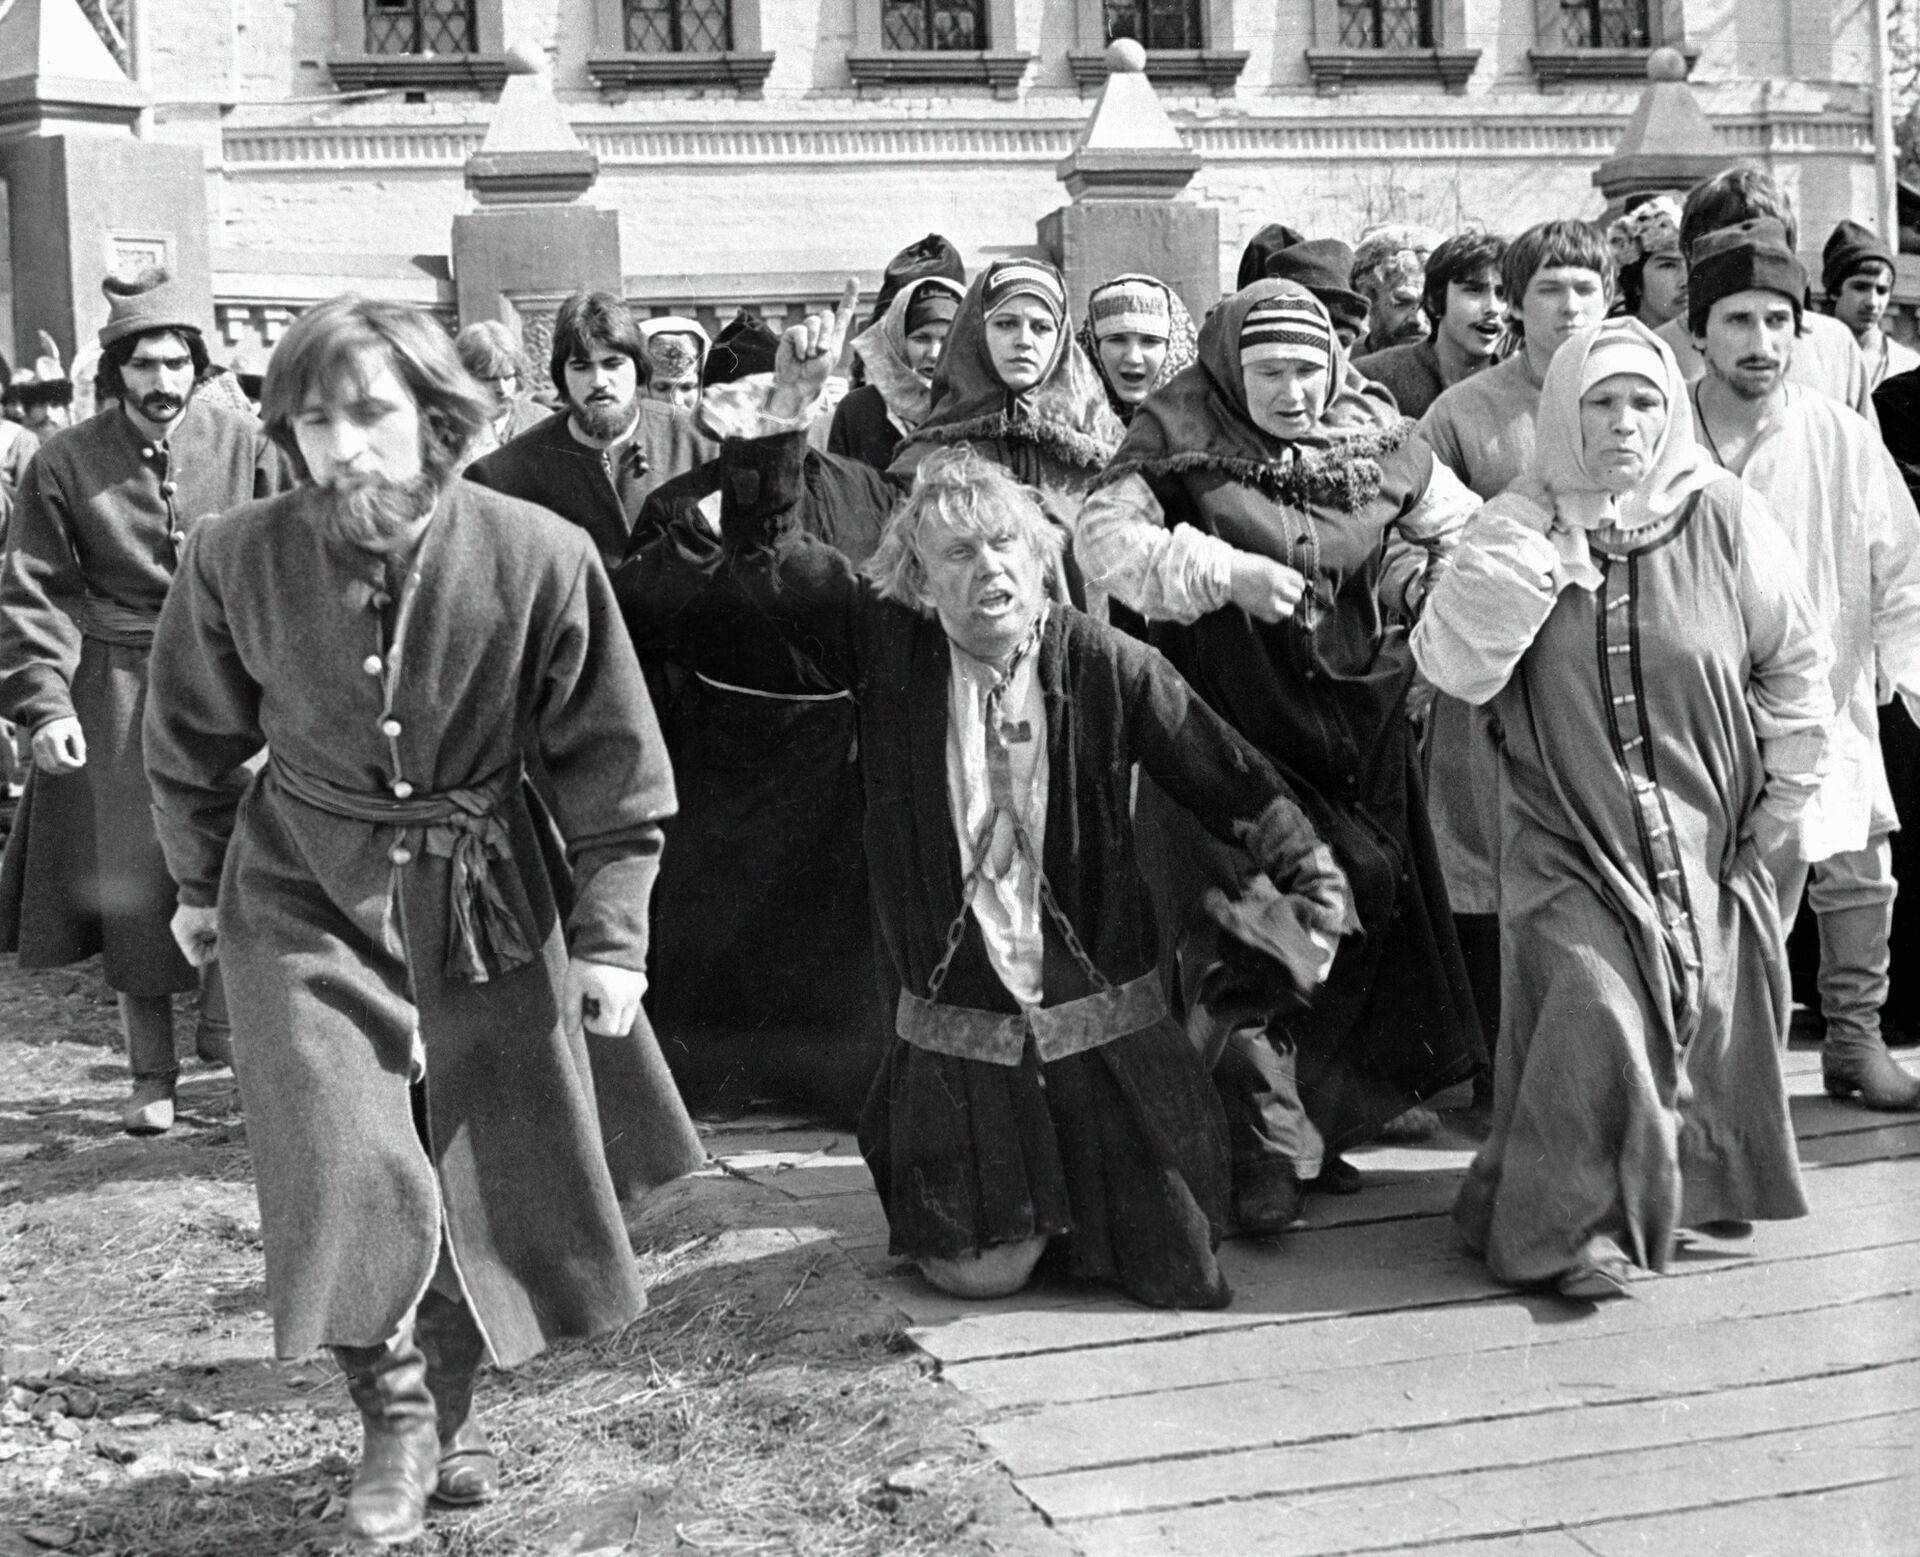 Сцена из фильма Юность Петра - РИА Новости, 1920, 04.09.2020